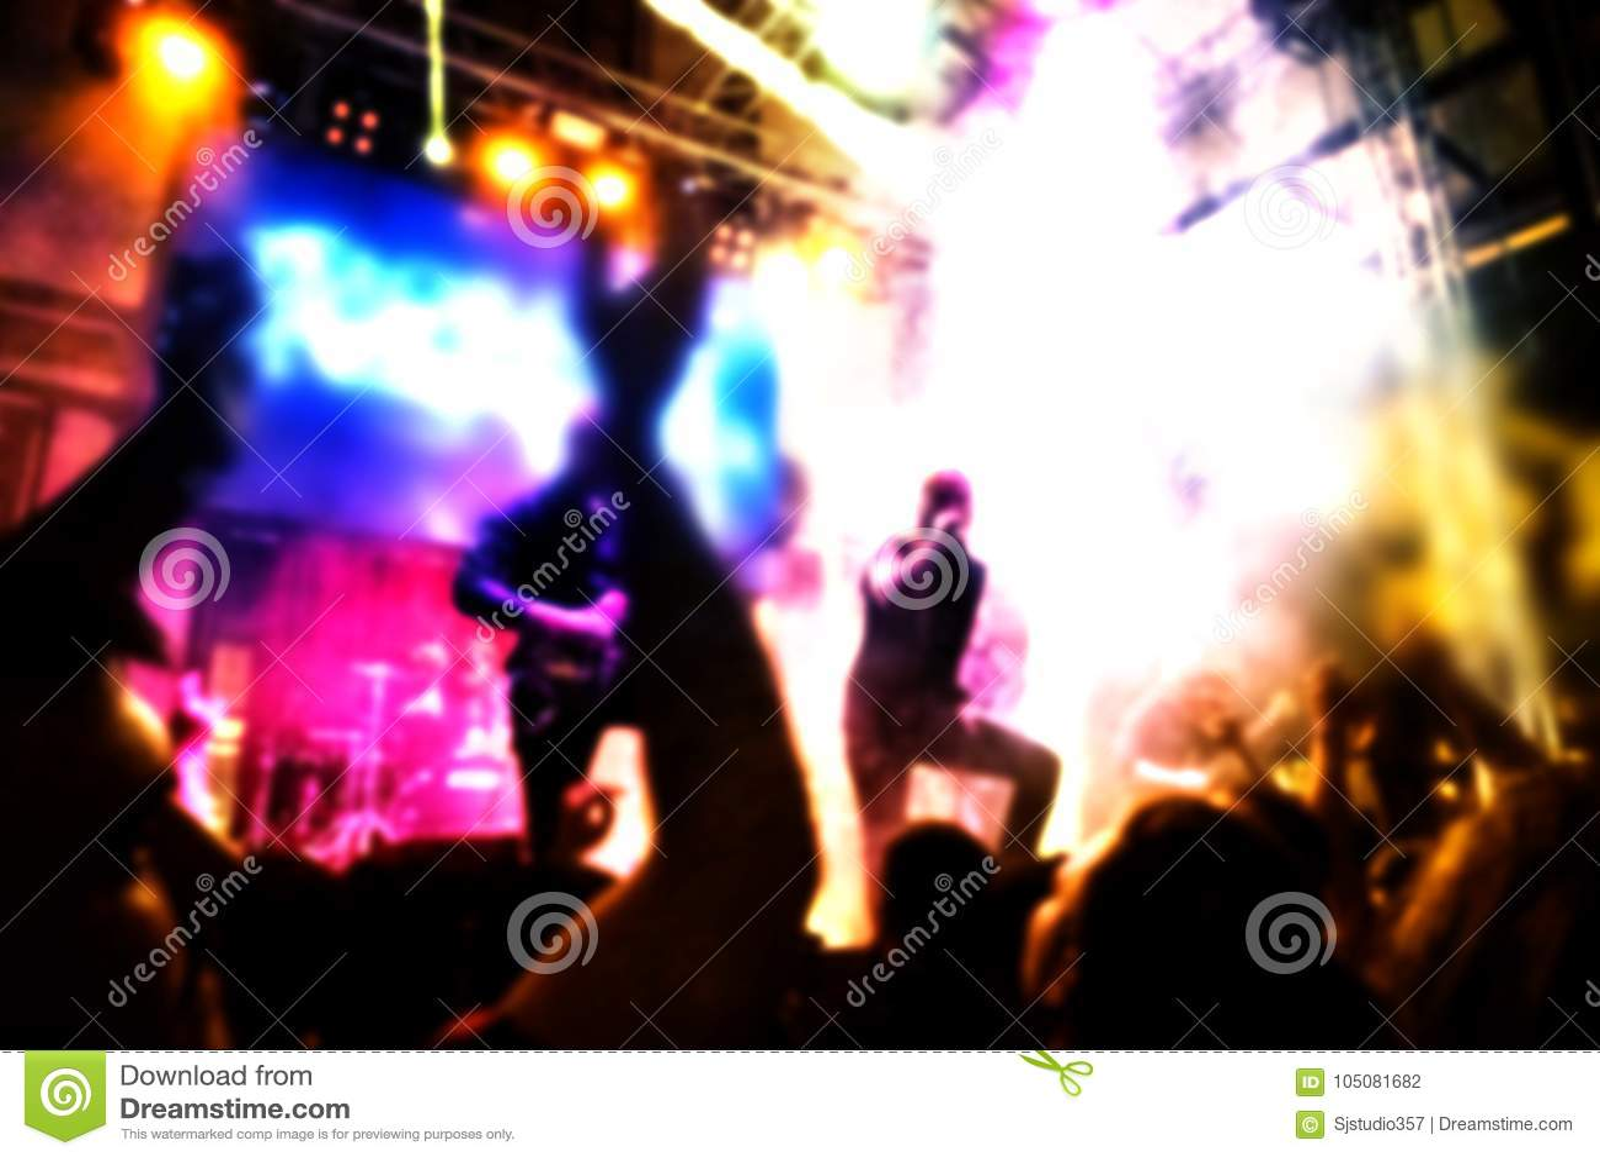 摇滚乐音乐会弄脏了从观众、岩石音乐家有吉他的和歌唱者的背景视图